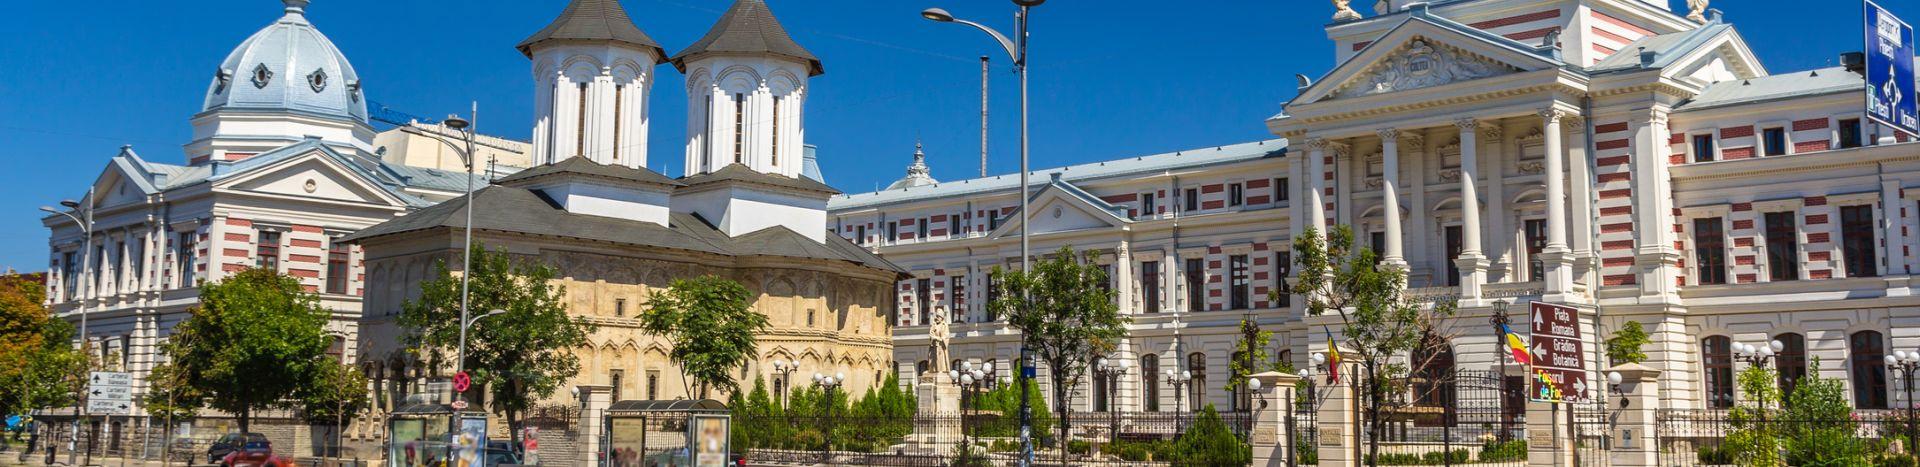 טיול מאורגן לרומניה היפה - בעקבות ארמונות קדומים, טירות טבע מדהימות, נופים וכפרים ציוריים